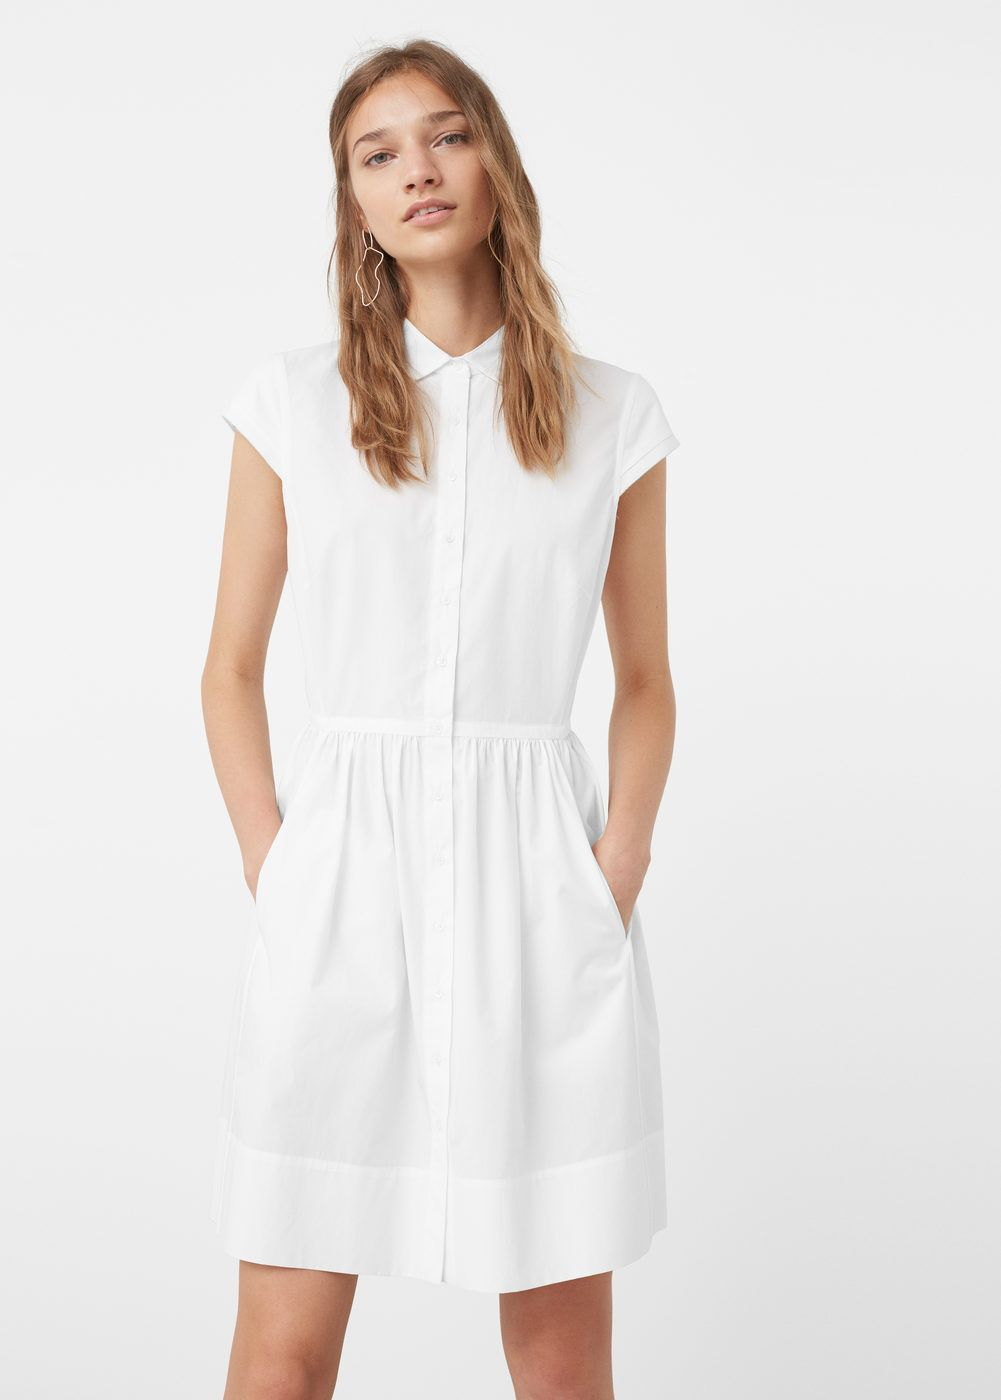 Vestido de trabalho de manga comprida casual com gola de manga curta